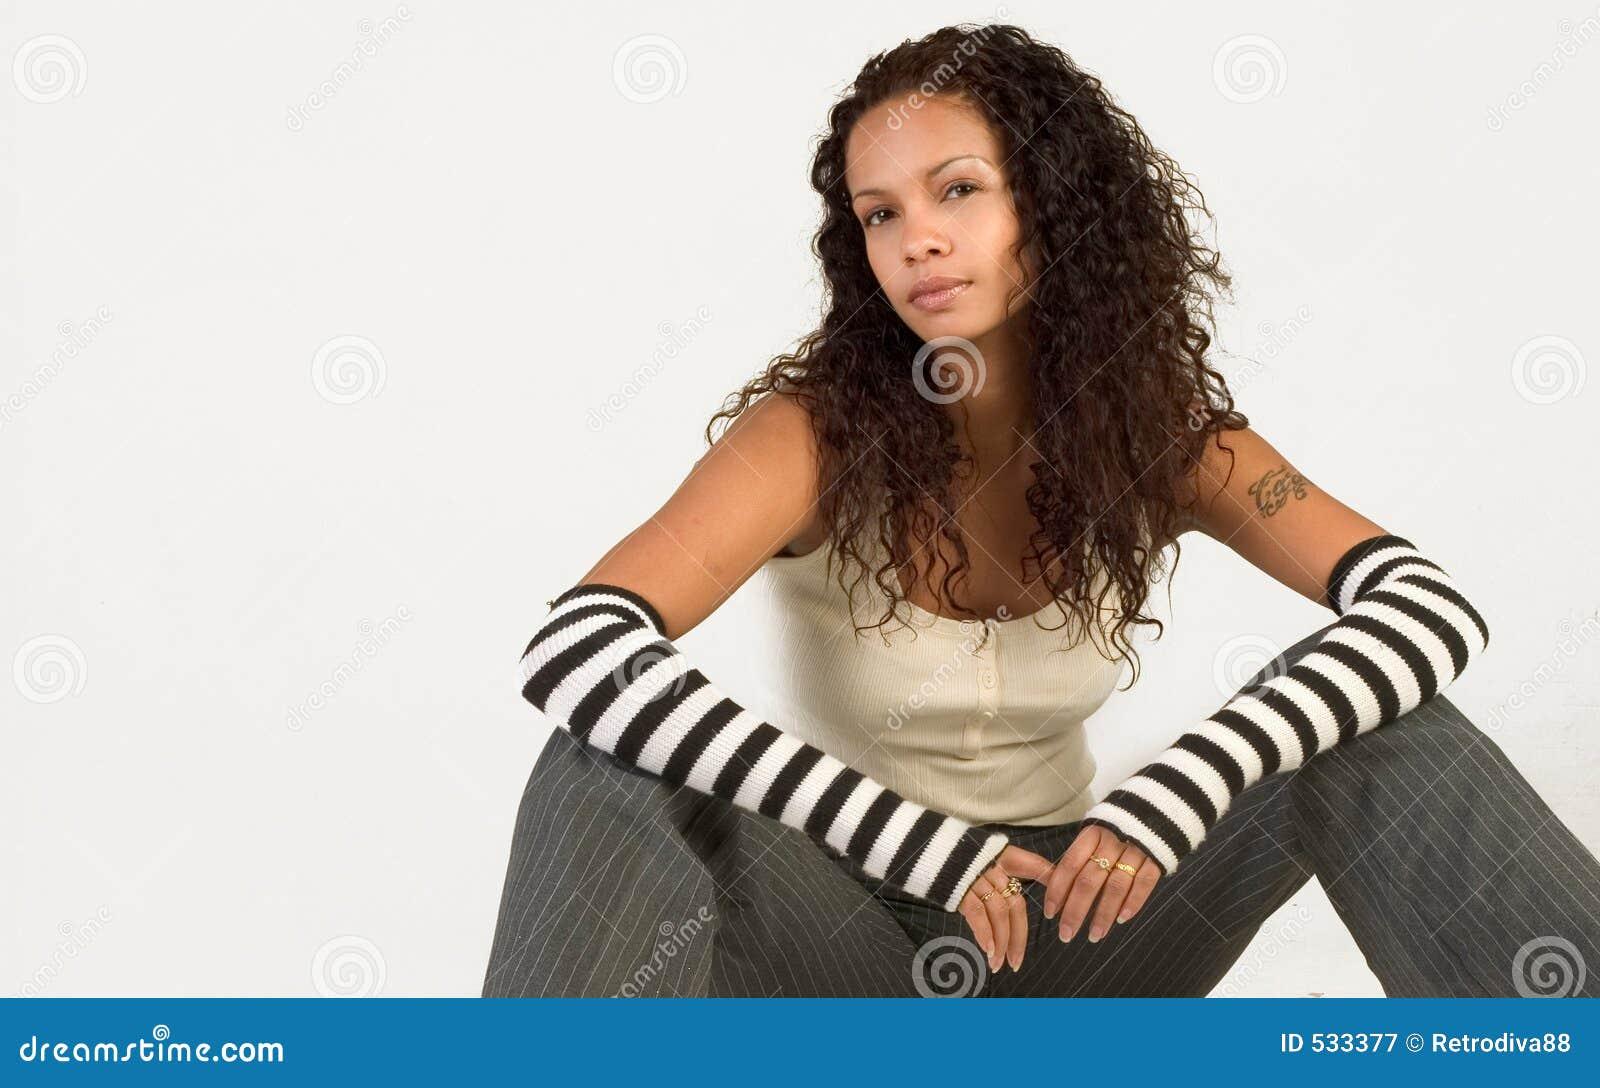 Download 时兴的女孩当事人 库存图片. 图片 包括有 性感, 犰狳, 时兴, 女孩, 姿势, 相当, 设计, 时髦, 至善至美 - 533377